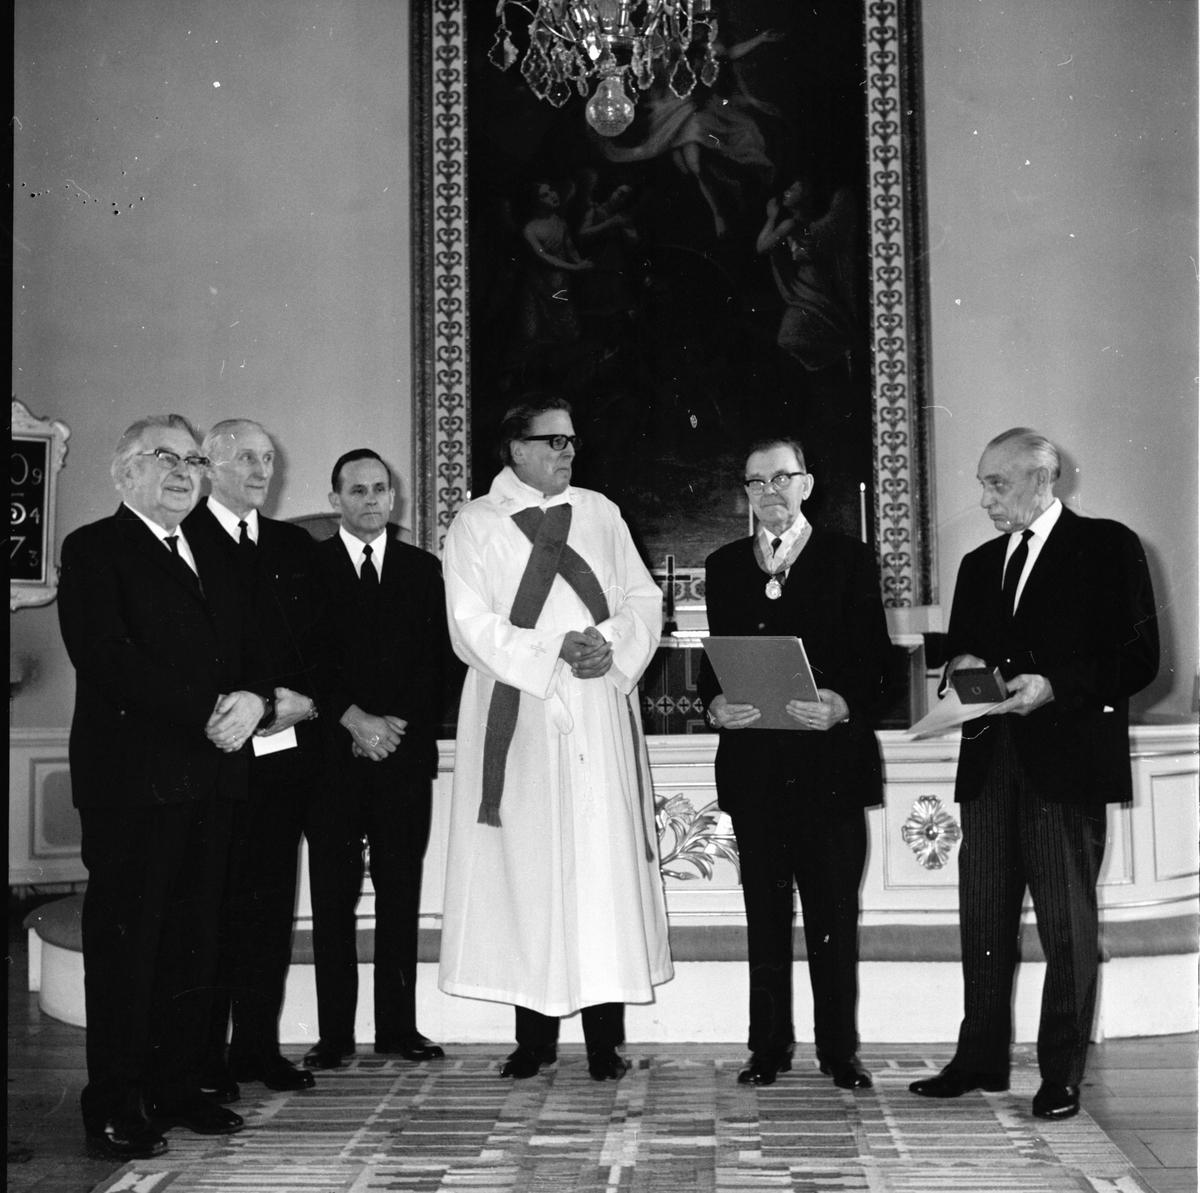 Undersviks kyrka, Patr.Sälls utmärkelse till Edlund o Mårten Persson, Mars 1972